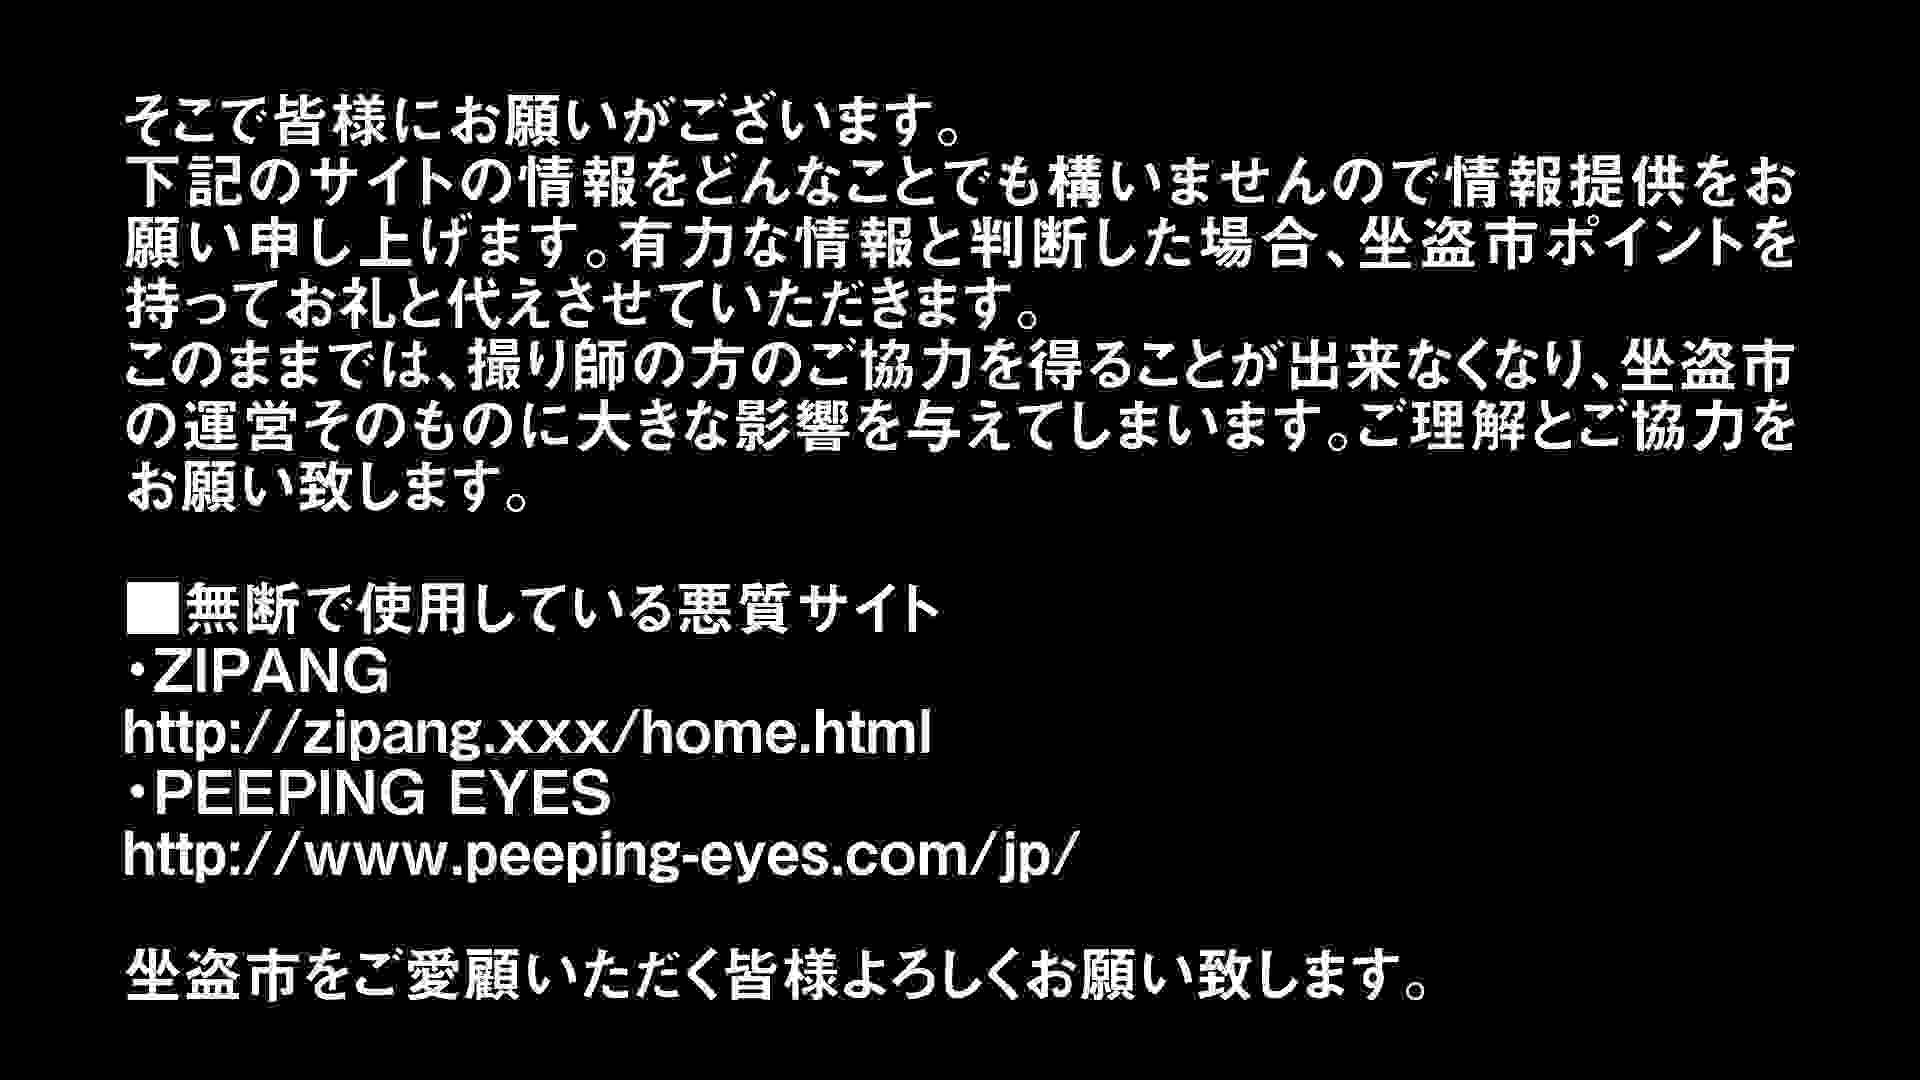 Aquaな露天風呂Vol.299 盗撮シリーズ  82PIX 36